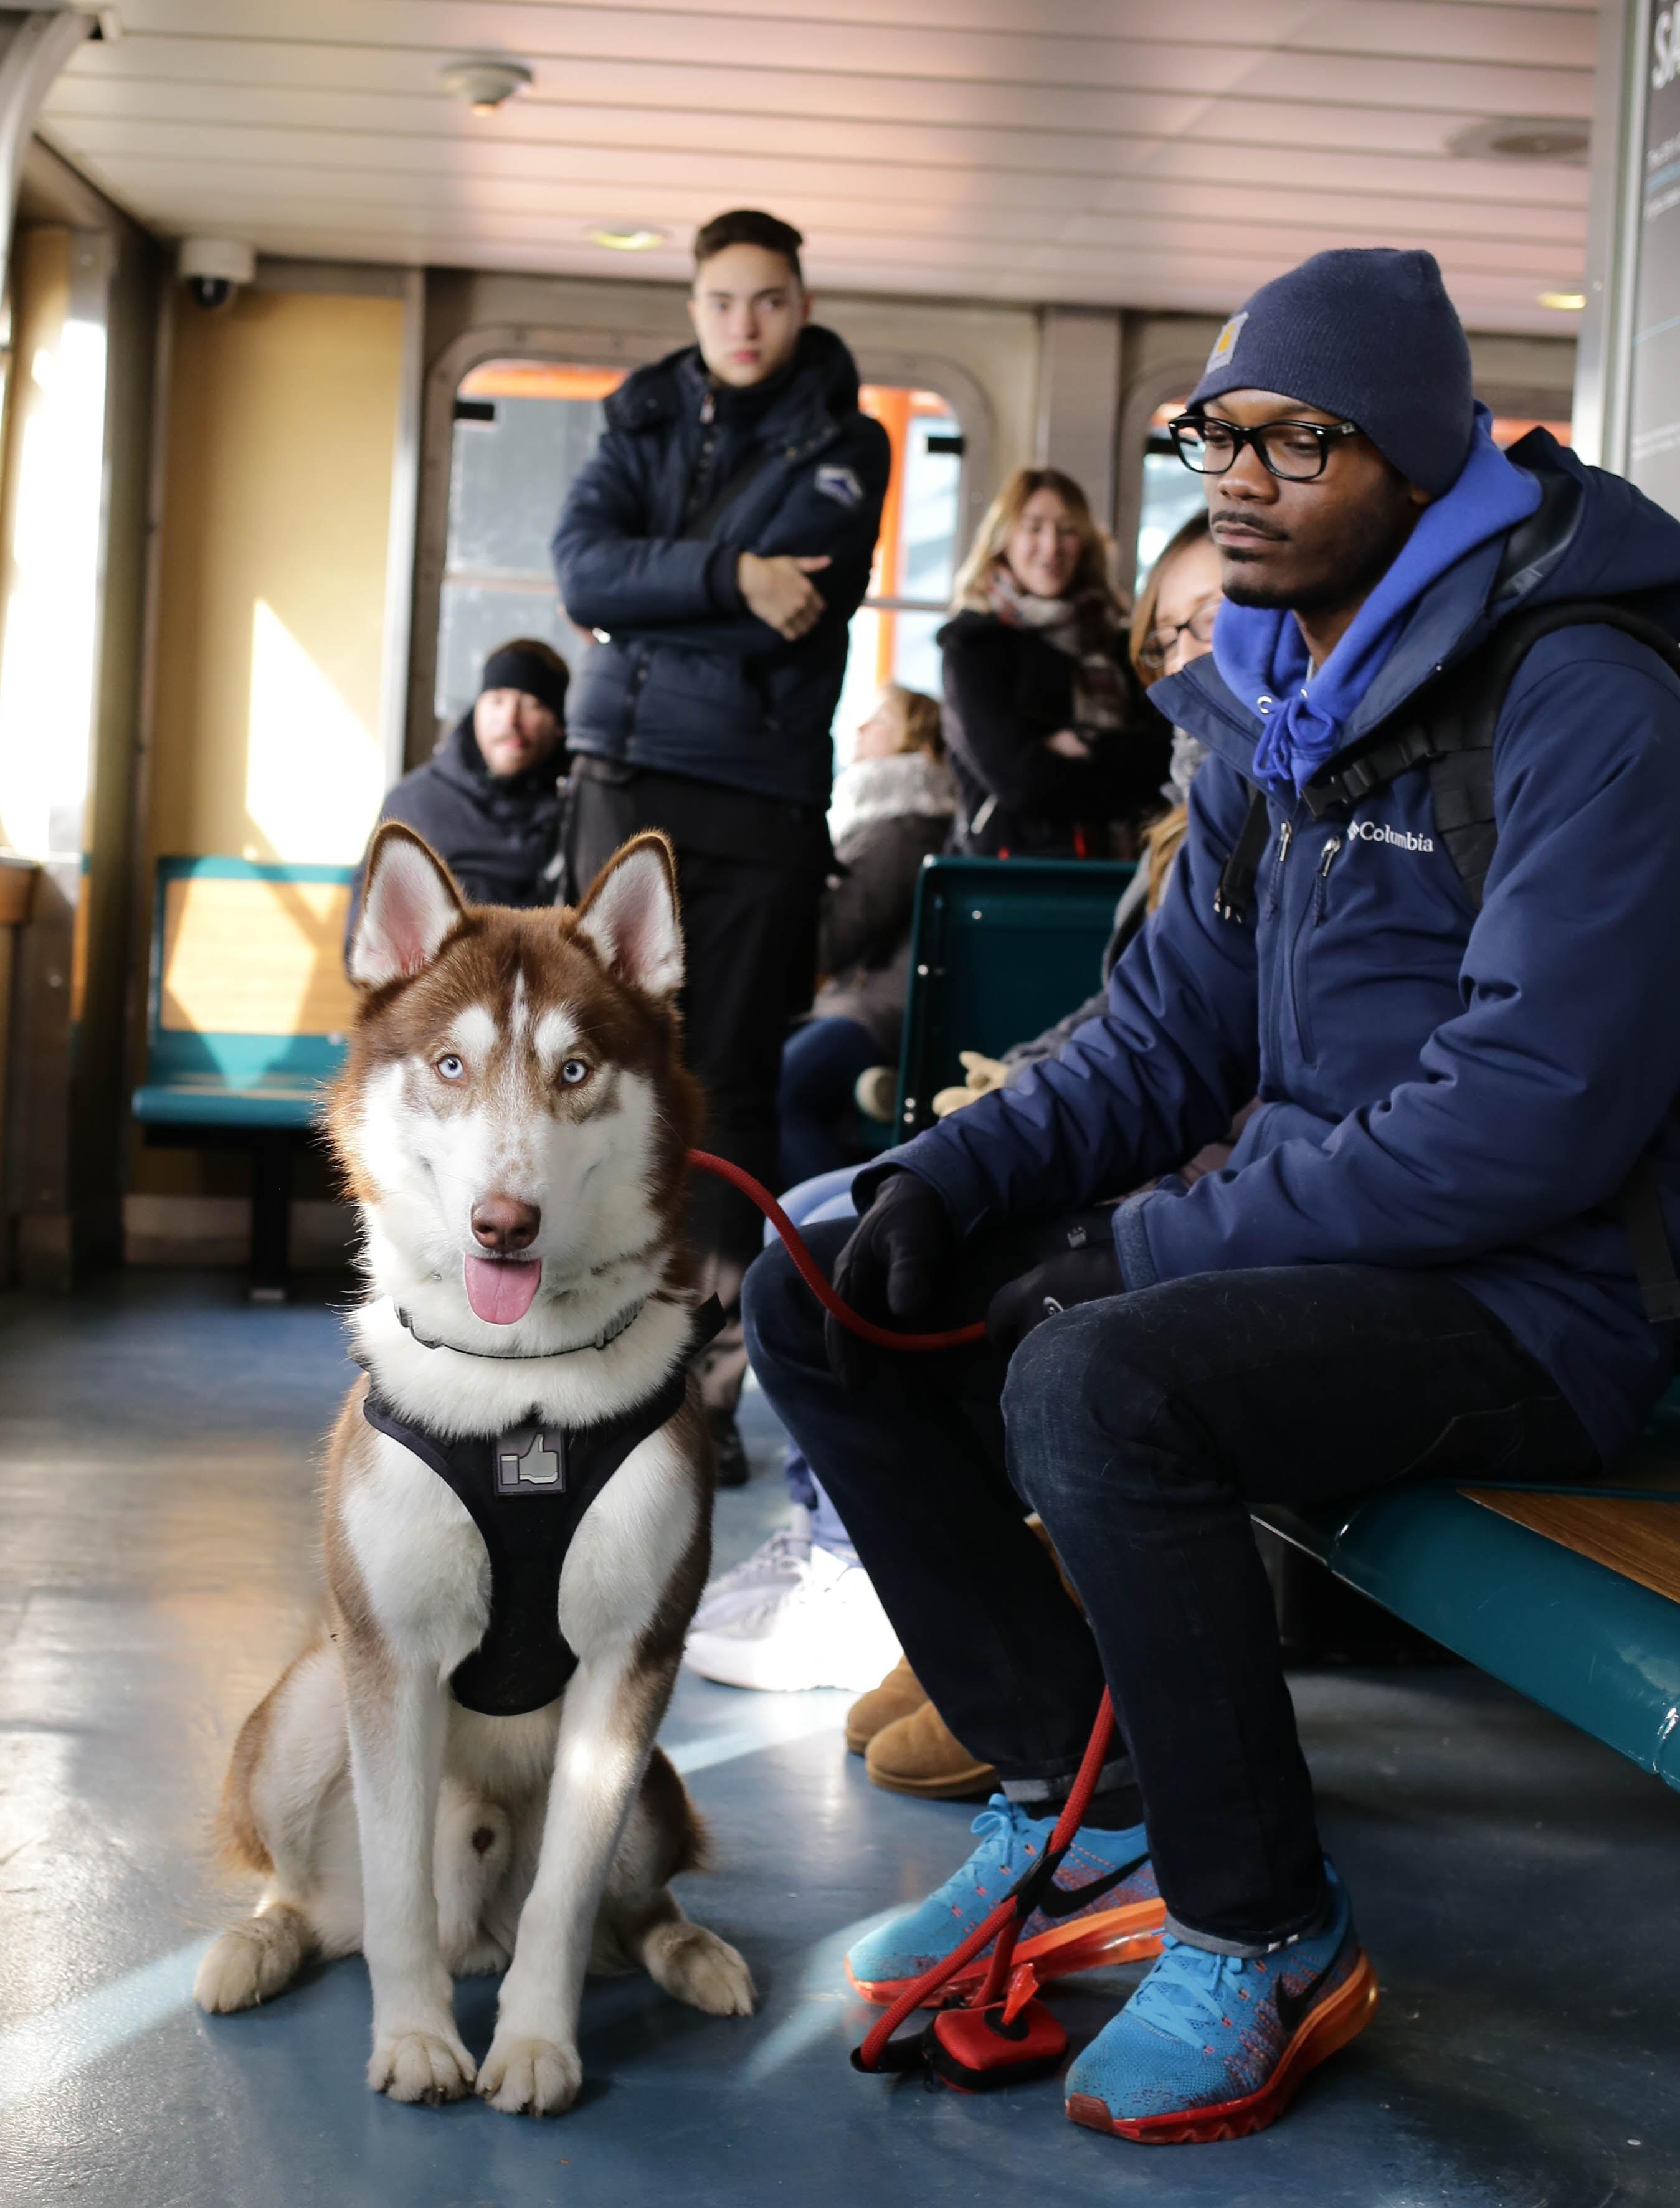 Siberian Husky beside man sitting on bench inside room